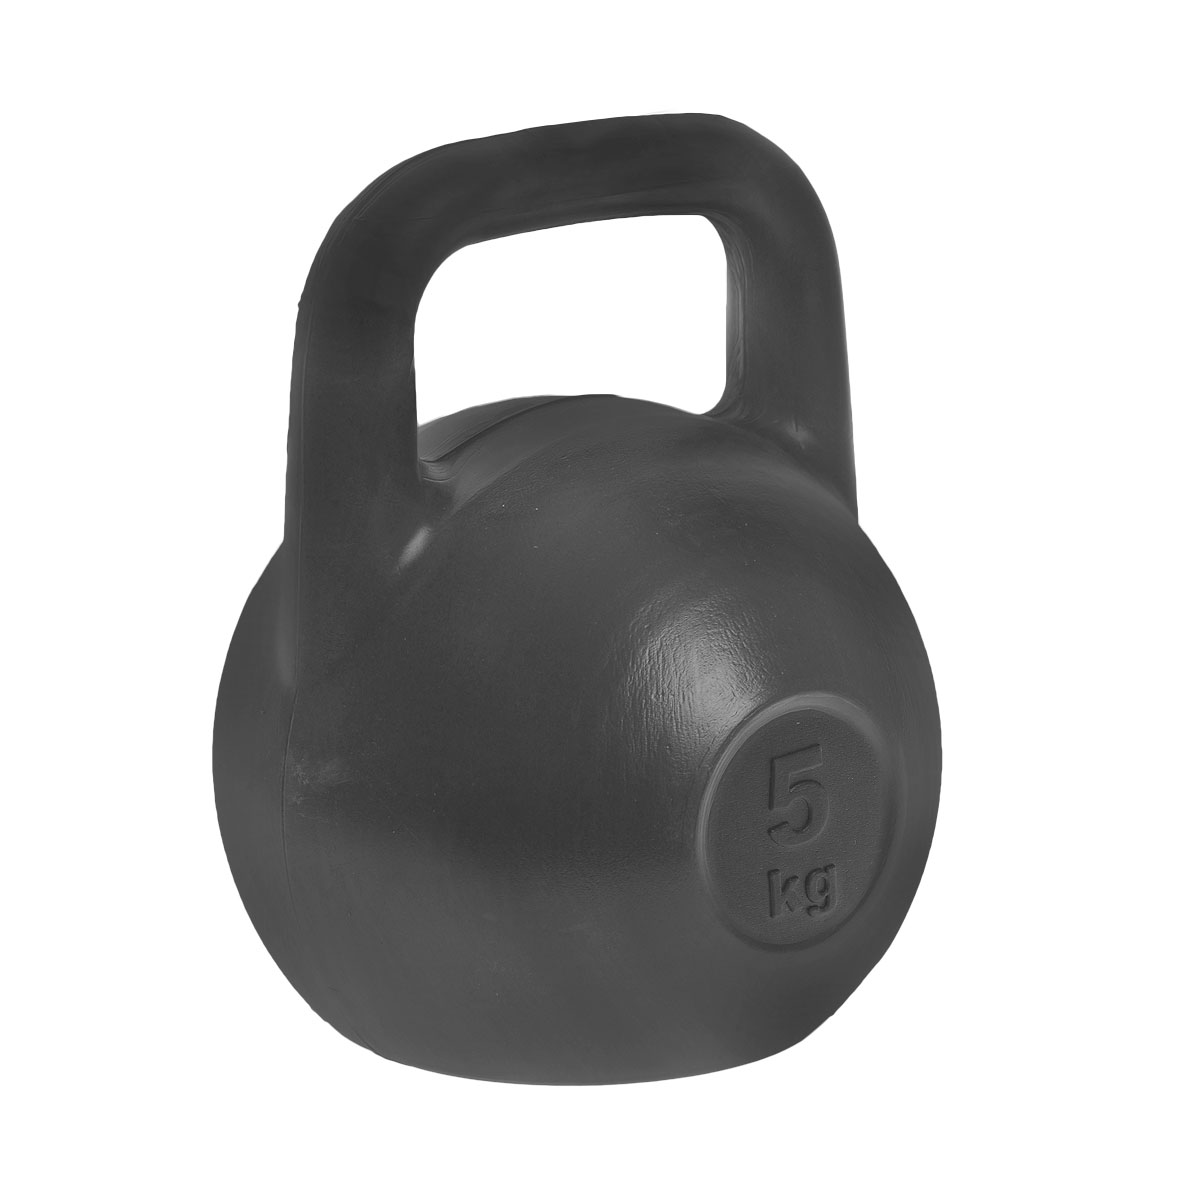 Гиря Евро-Классик, цвет: черный, 5 кг